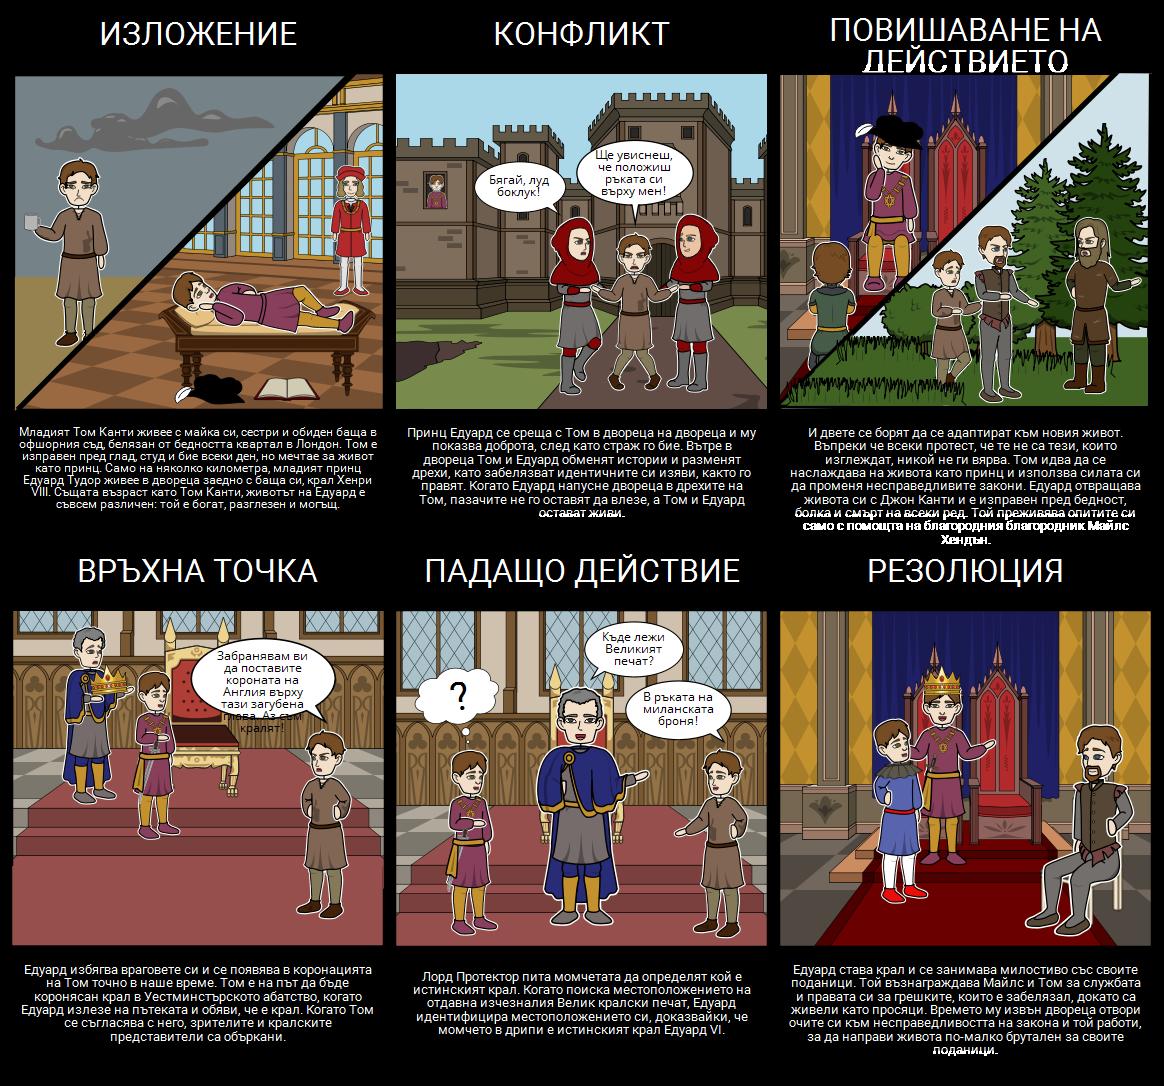 Принцът и Диаграмата на Графиката за Бедните